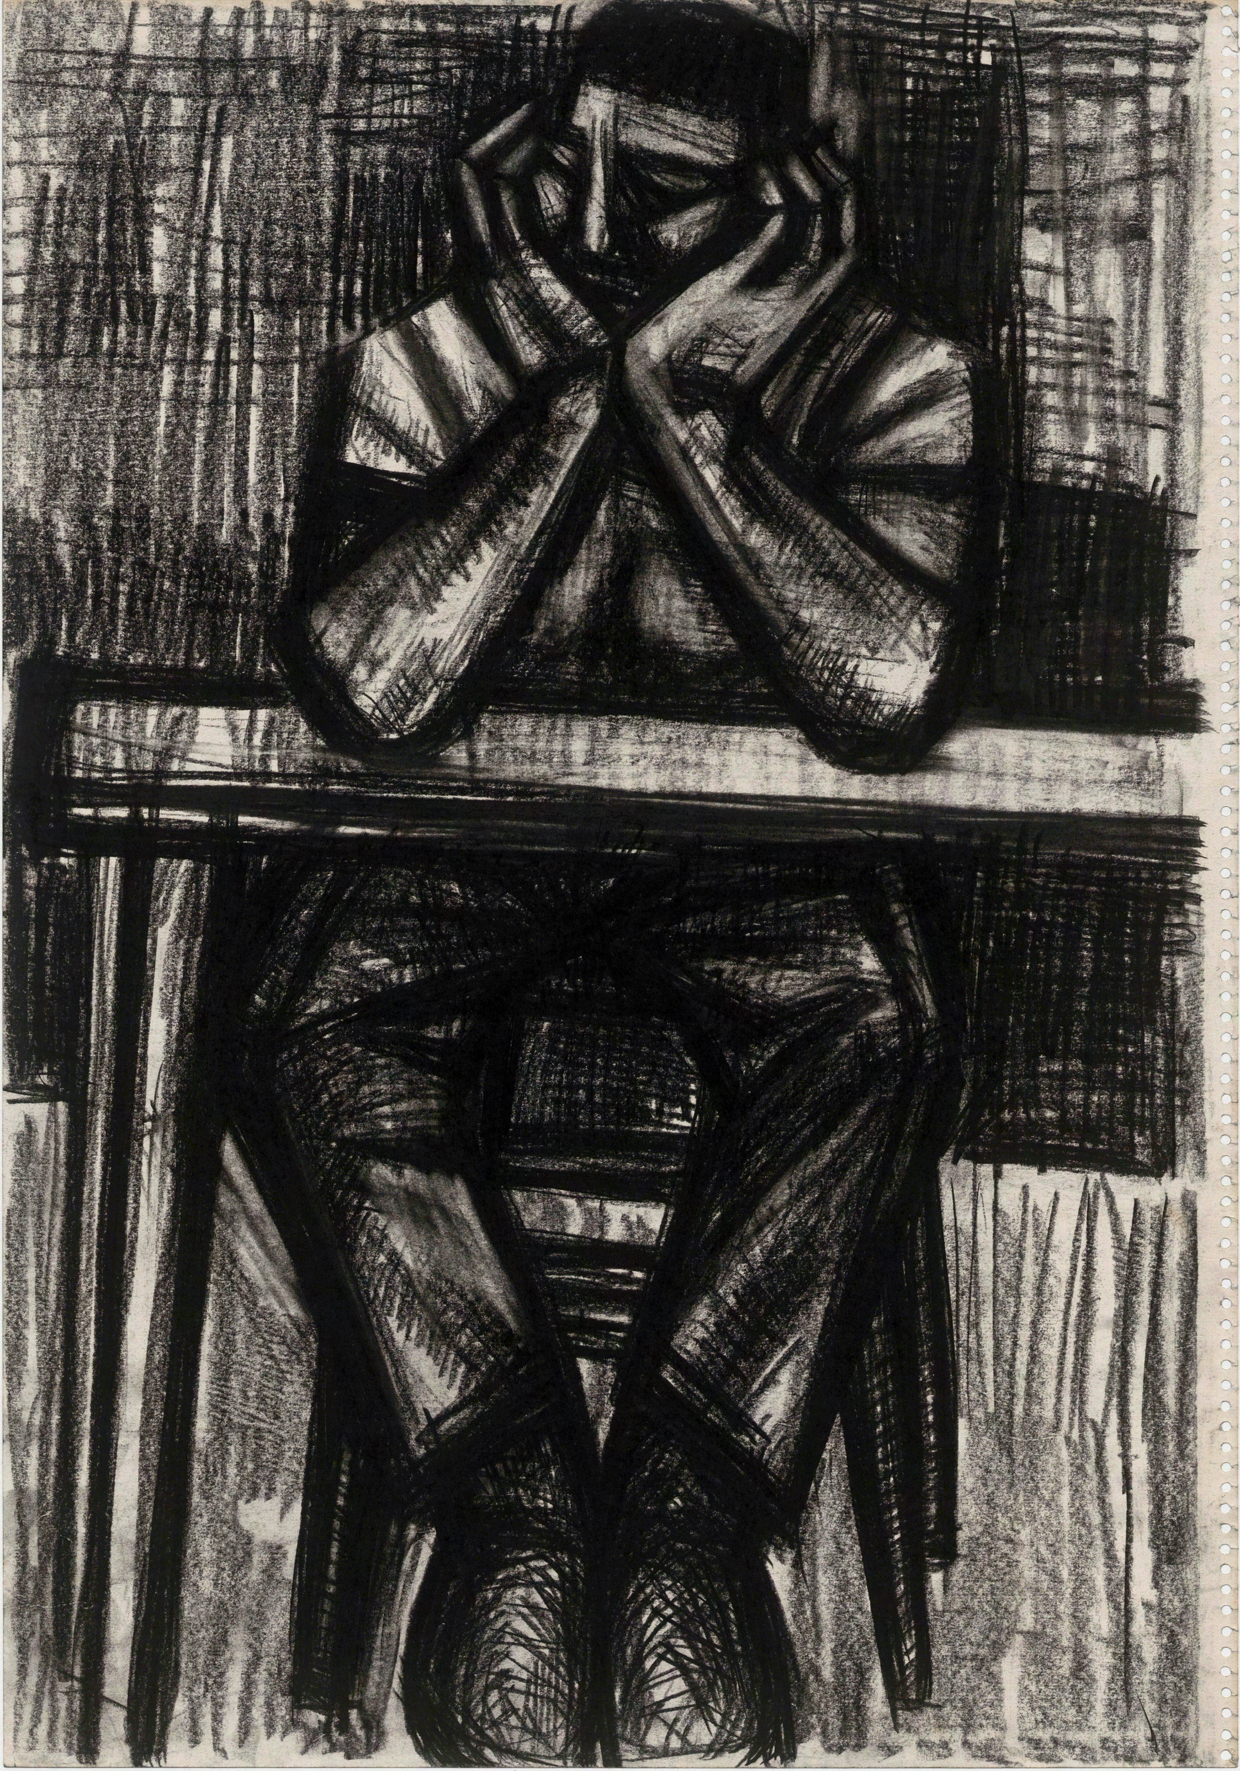 無題(両肘をつく男)の画像